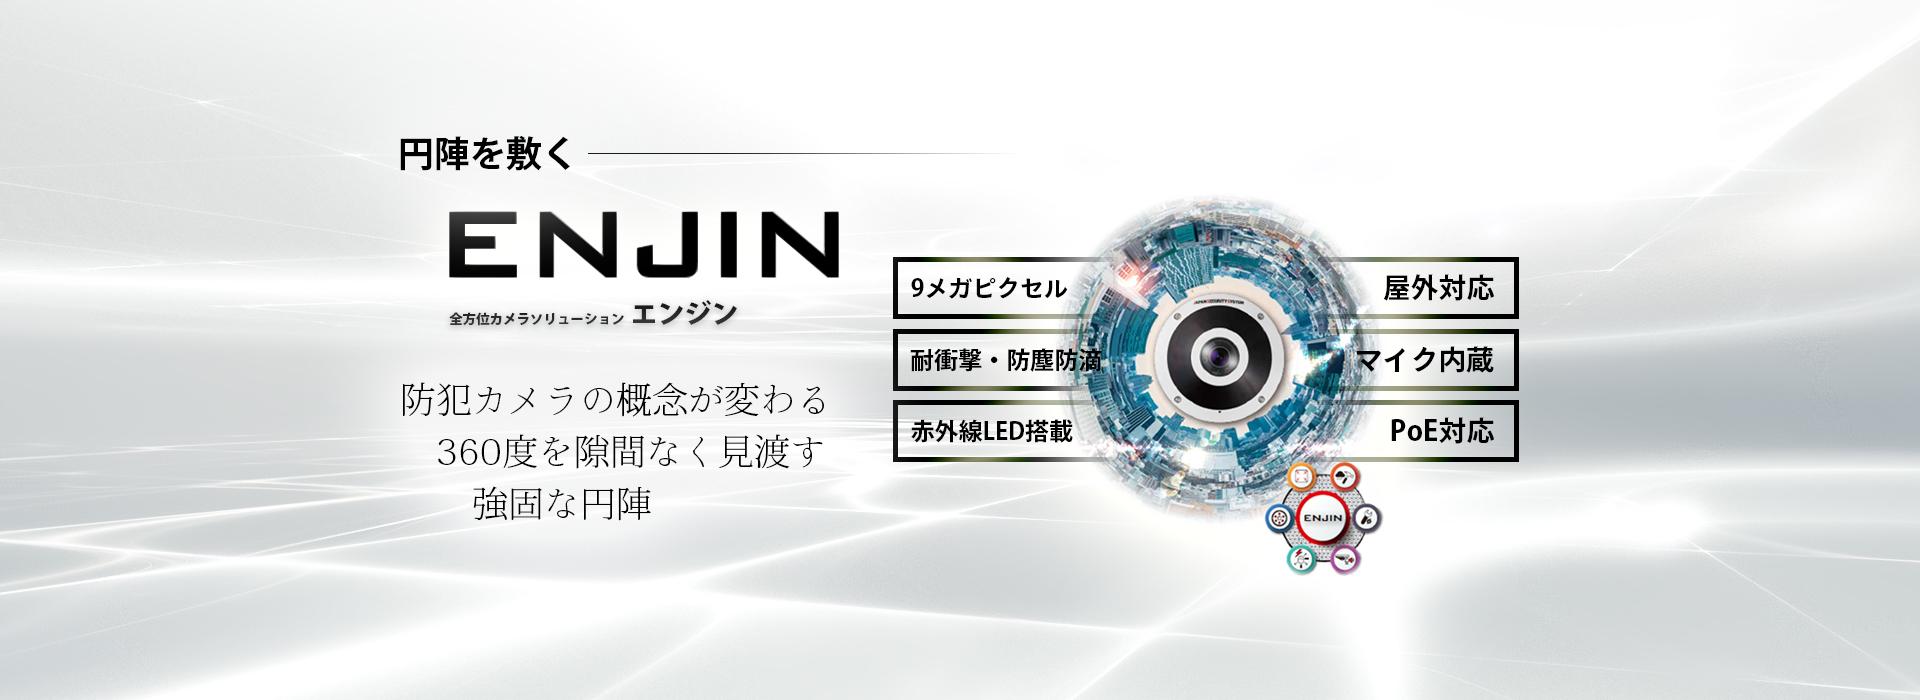 日本防犯システム ENJIN